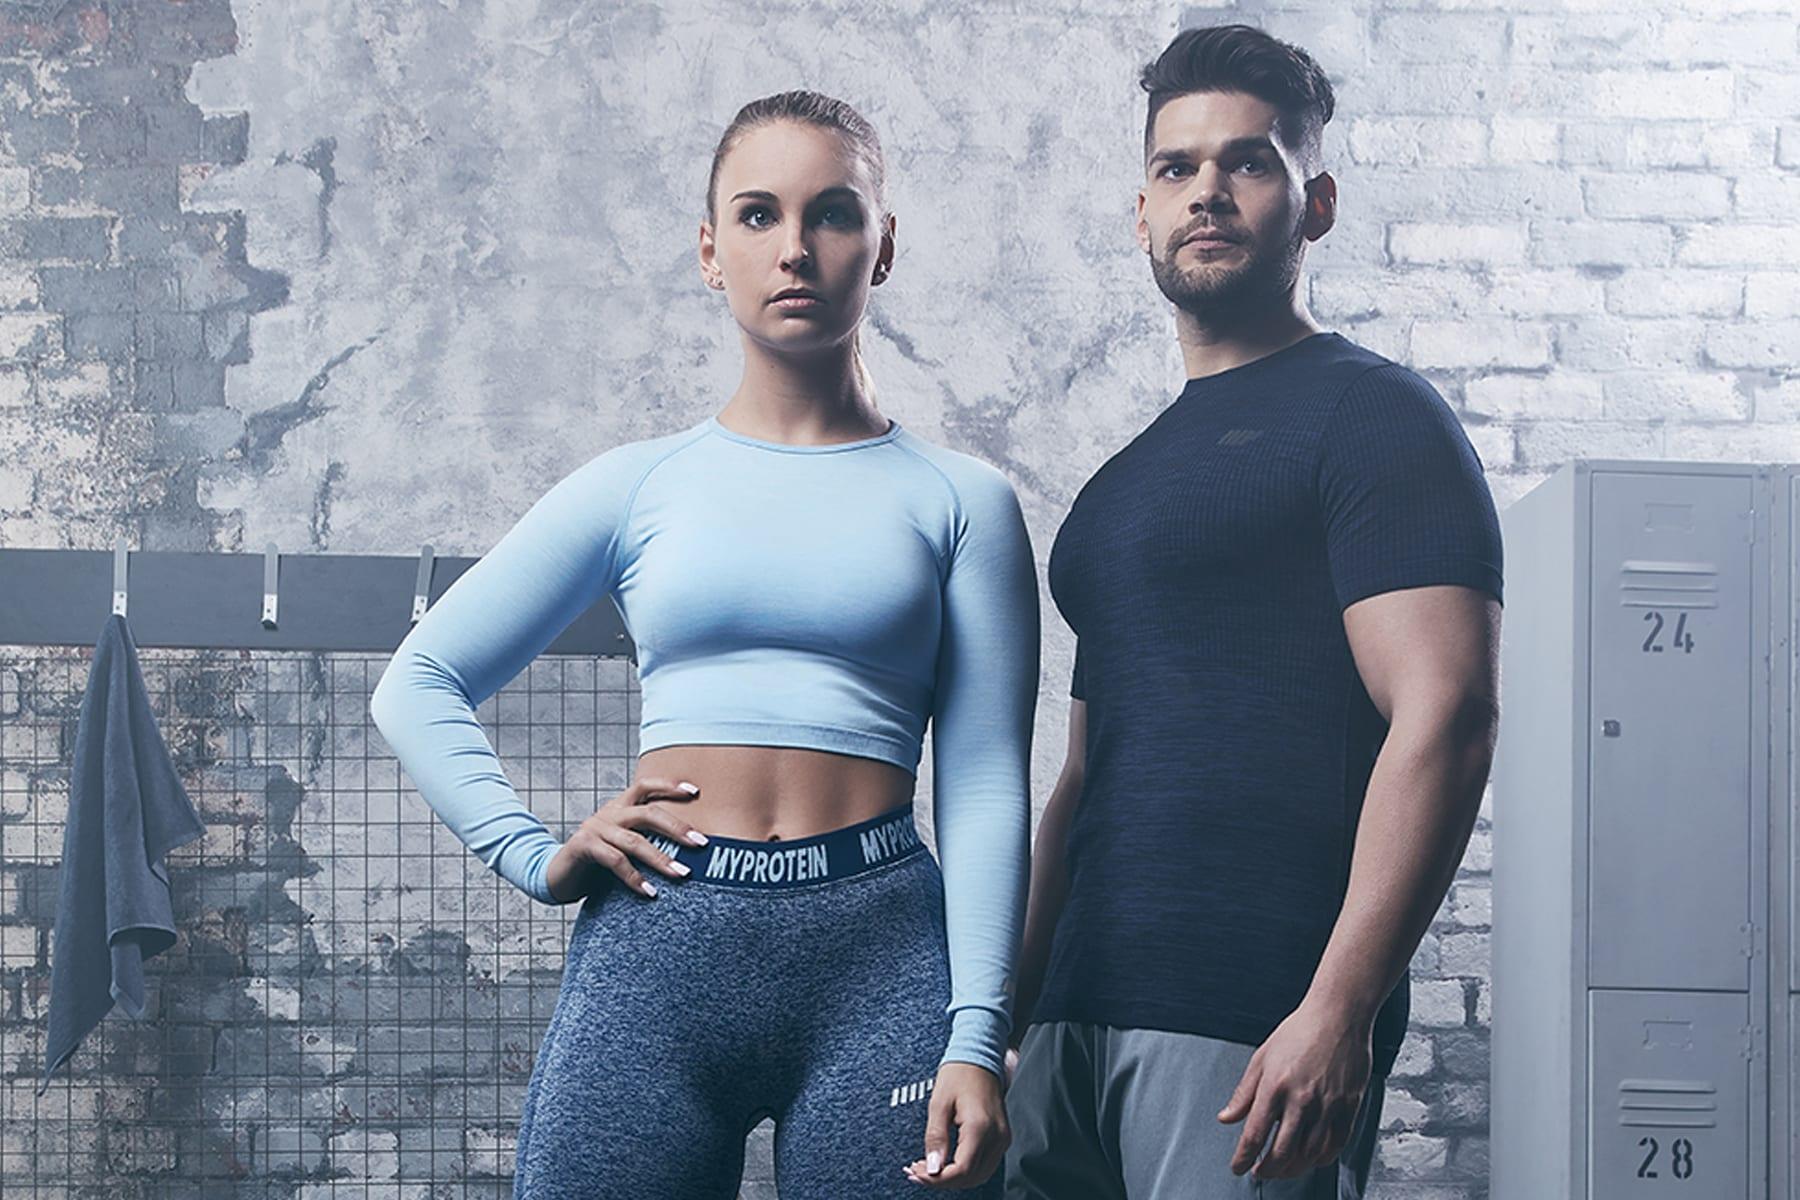 kvinder og mænd træning